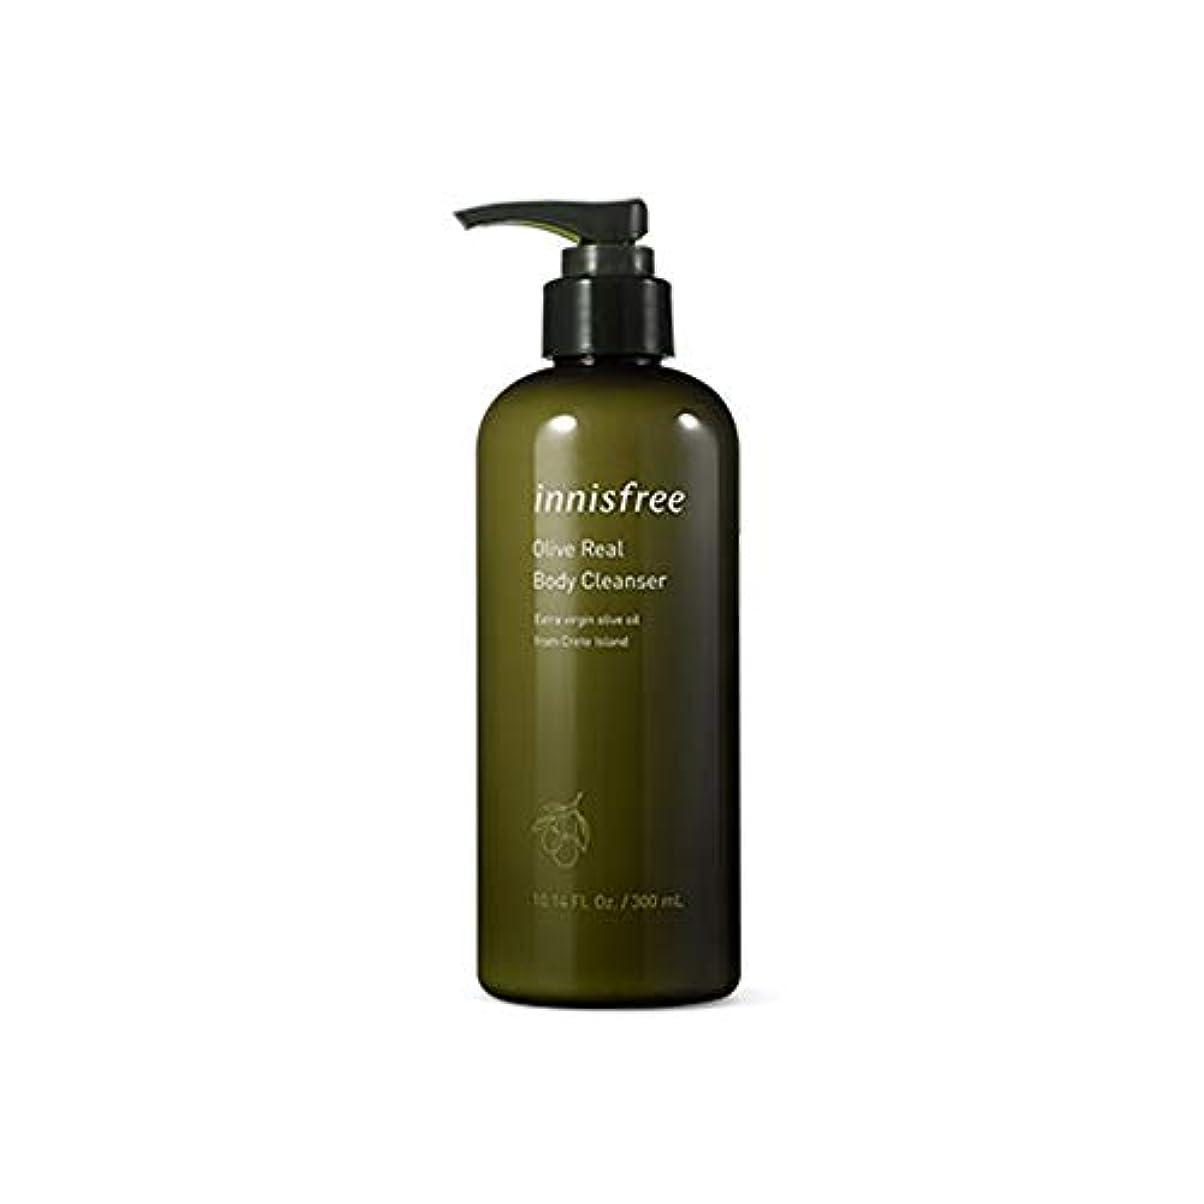 生きている商品経営者イニスフリー Innisfree オリーブリアルボディークレンザー(300ml) Innisfree Olive Real Body Cleanser(300ml) [海外直送品]